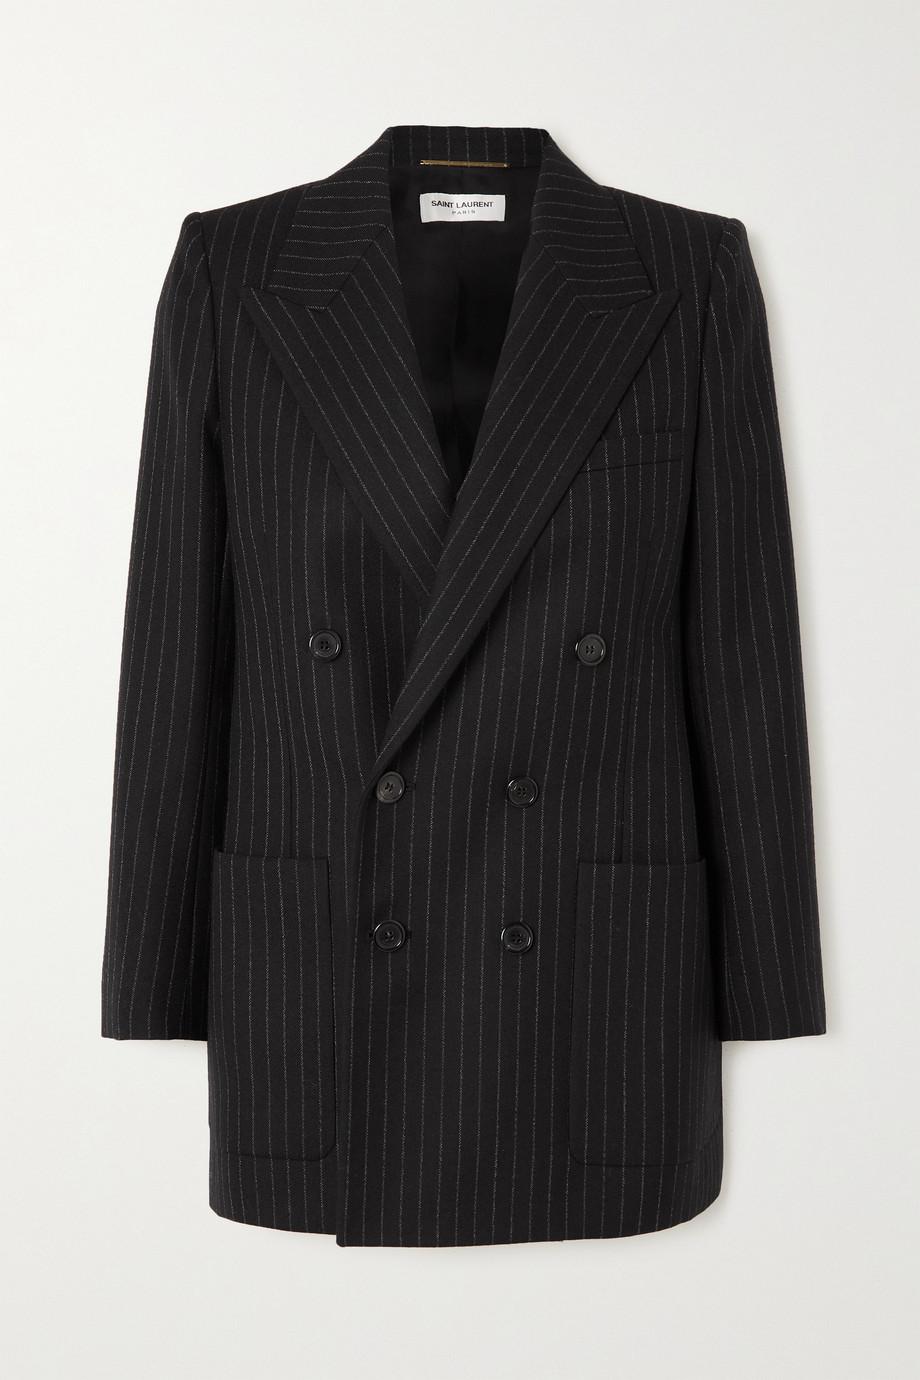 SAINT LAURENT Doppelreihiger Blazer aus Wolle mit Nadelstreifen